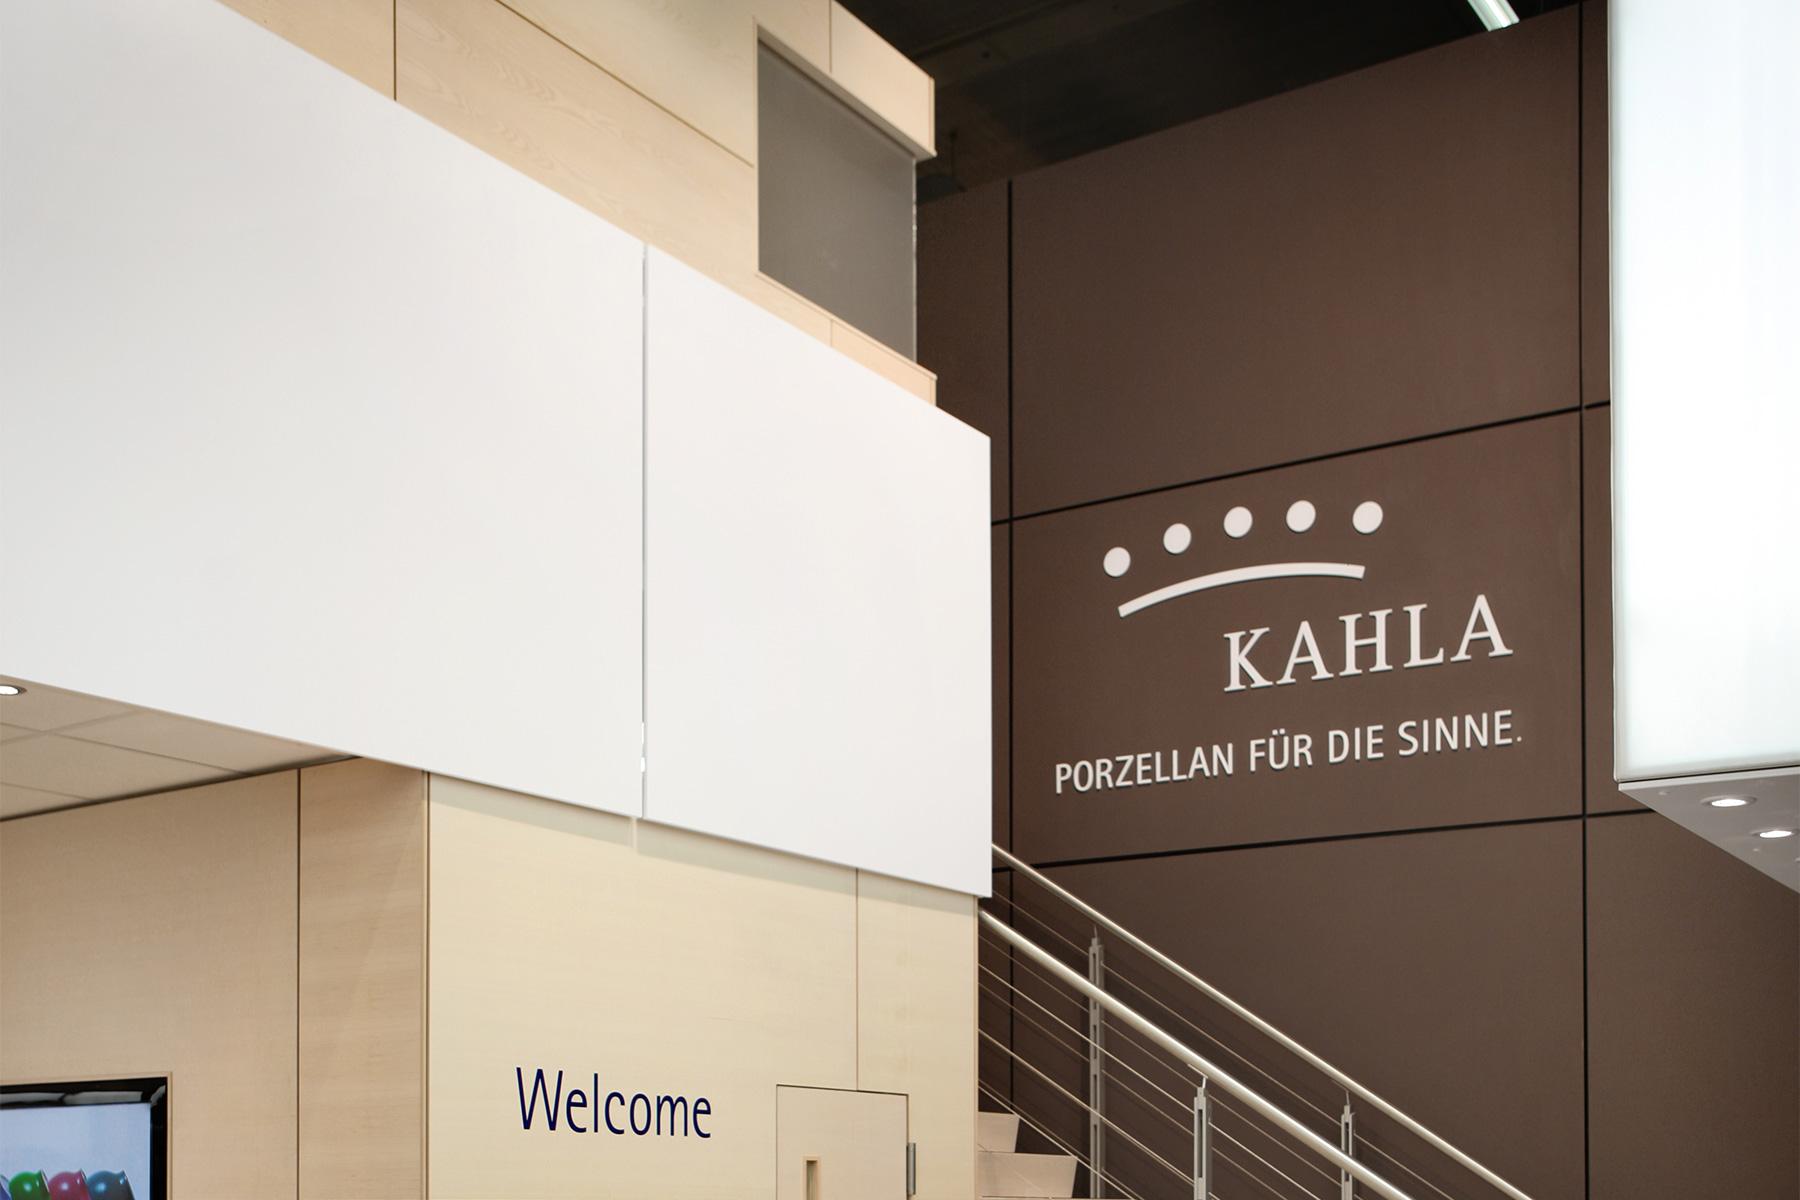 Kahla Porzellan / Exhibition Design